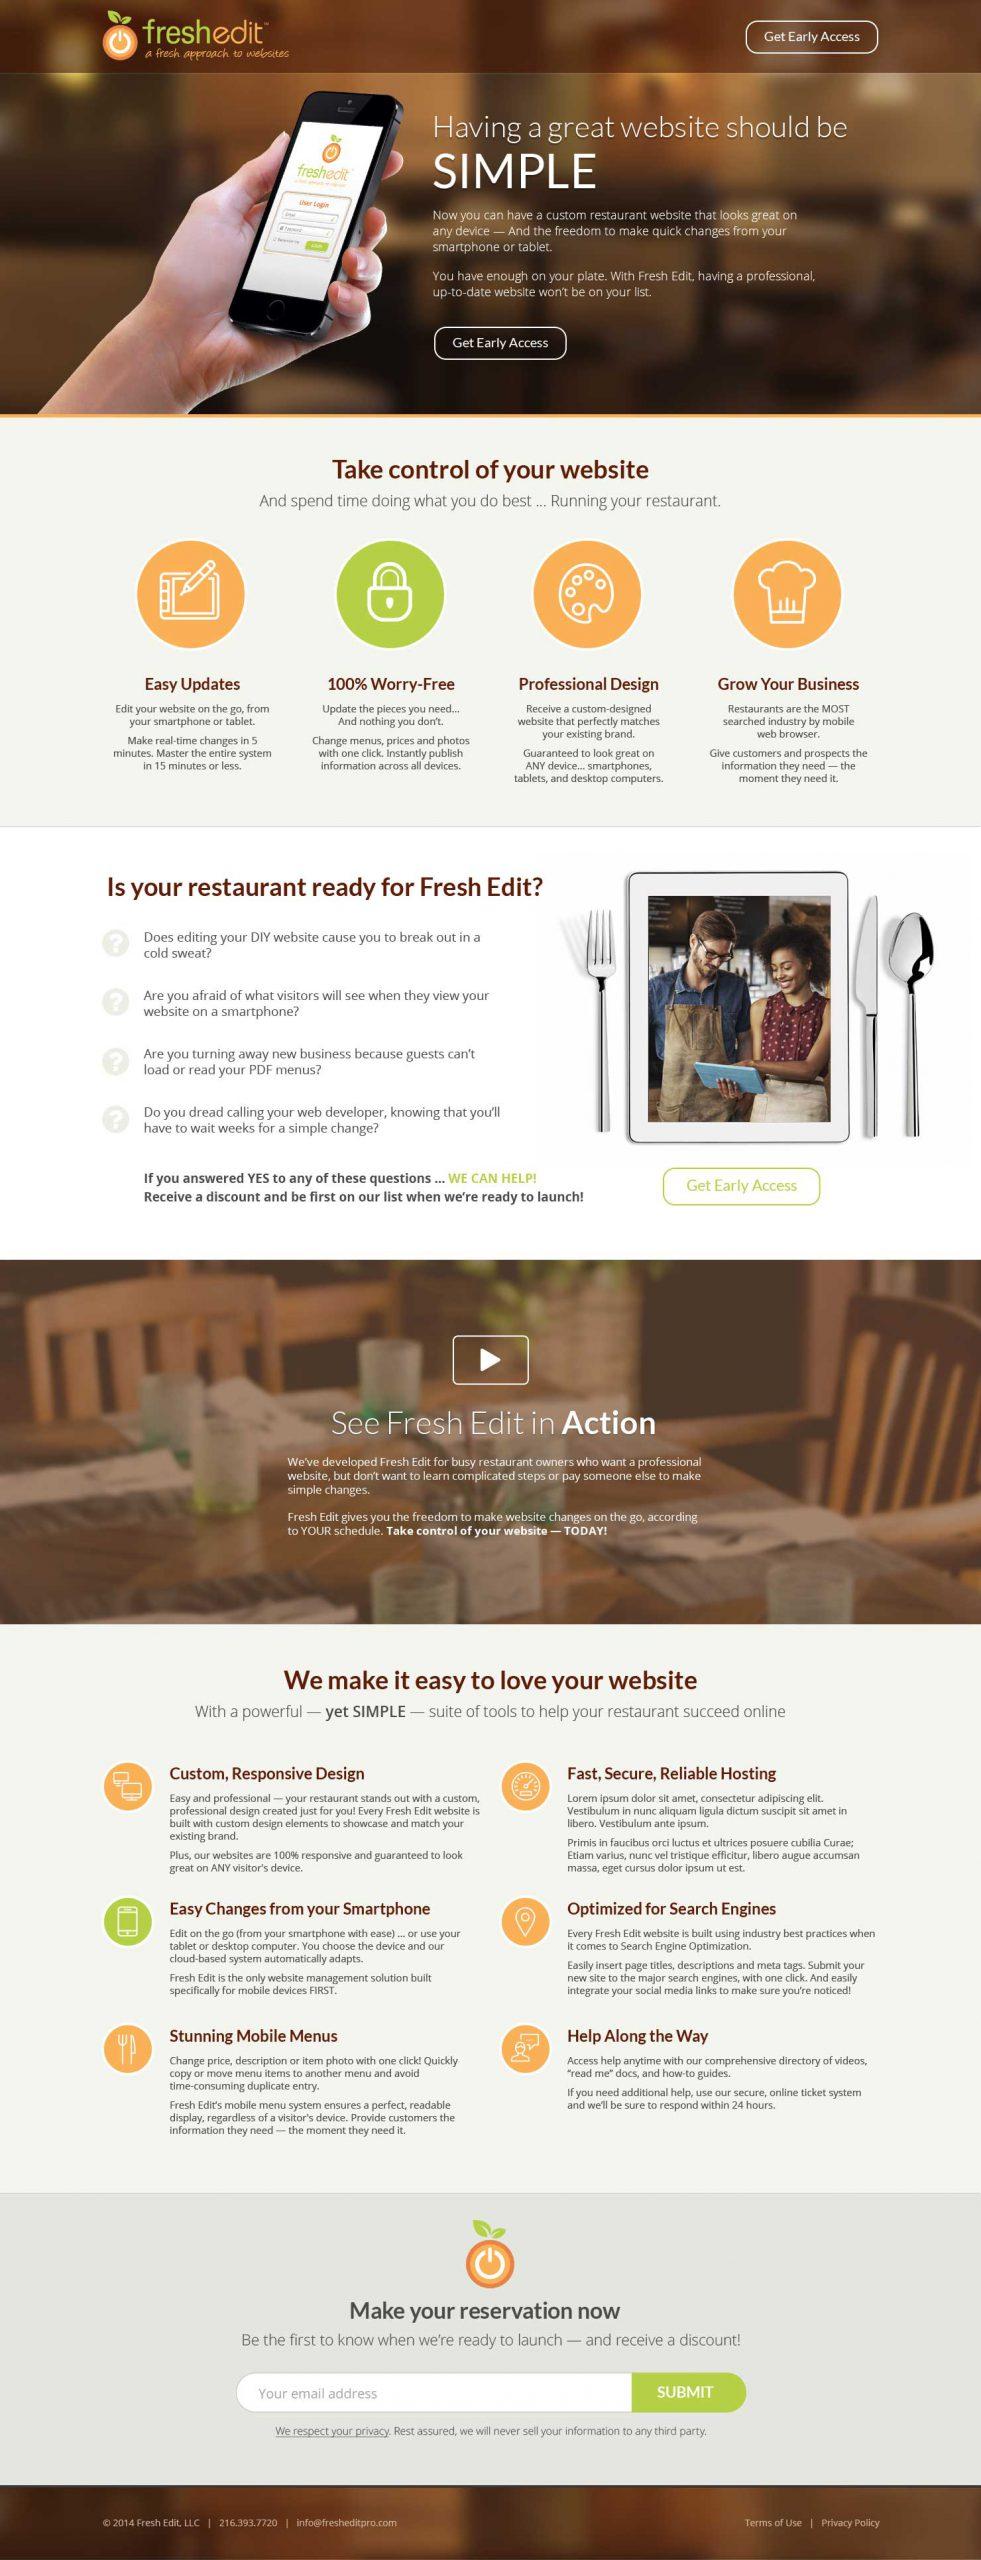 Fresh Edit landing page design